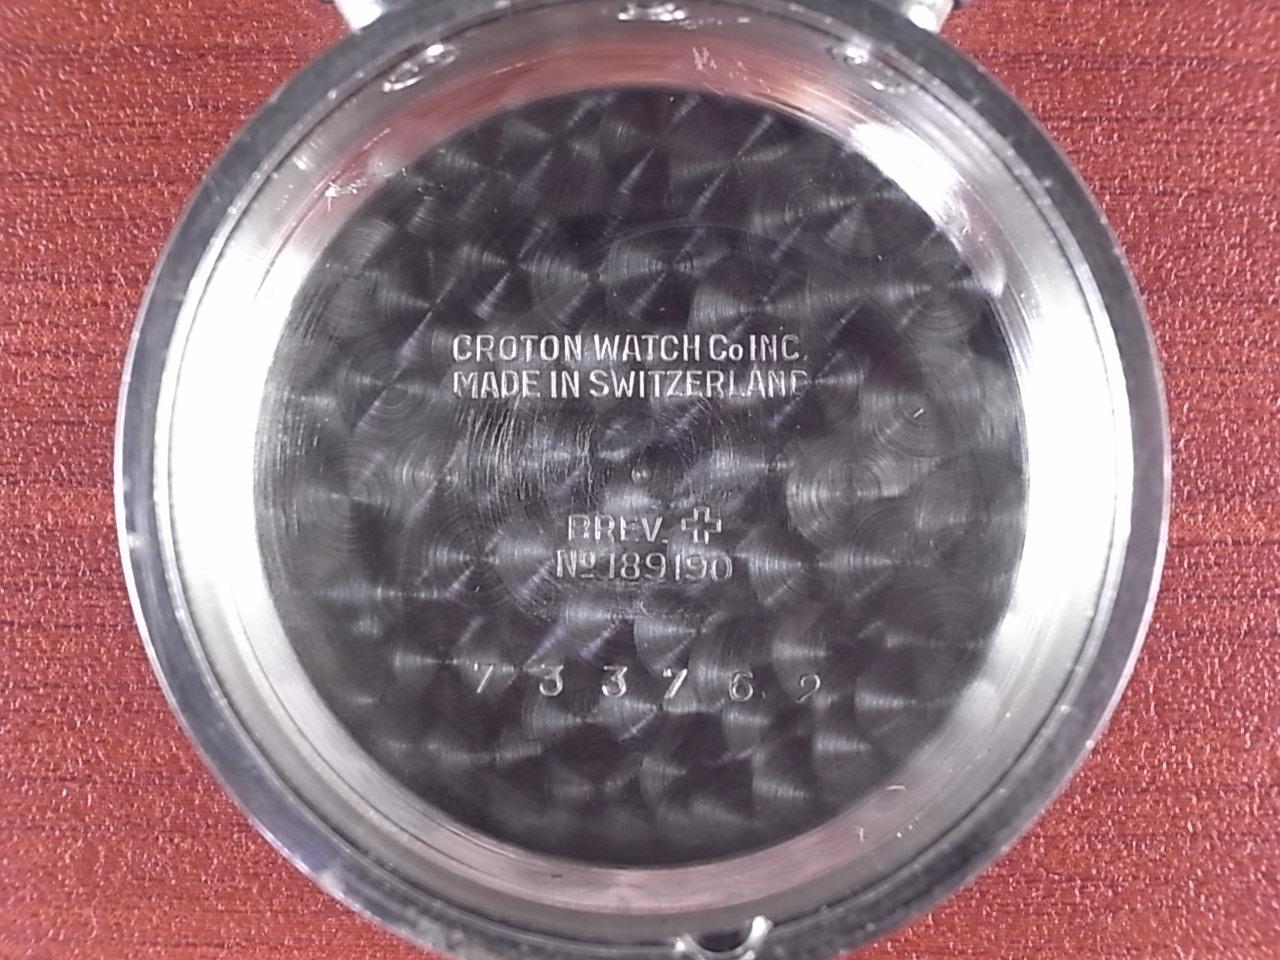 クロトン クロノグラフ バルジュー77 クラムシェルケース 1940年代の写真6枚目